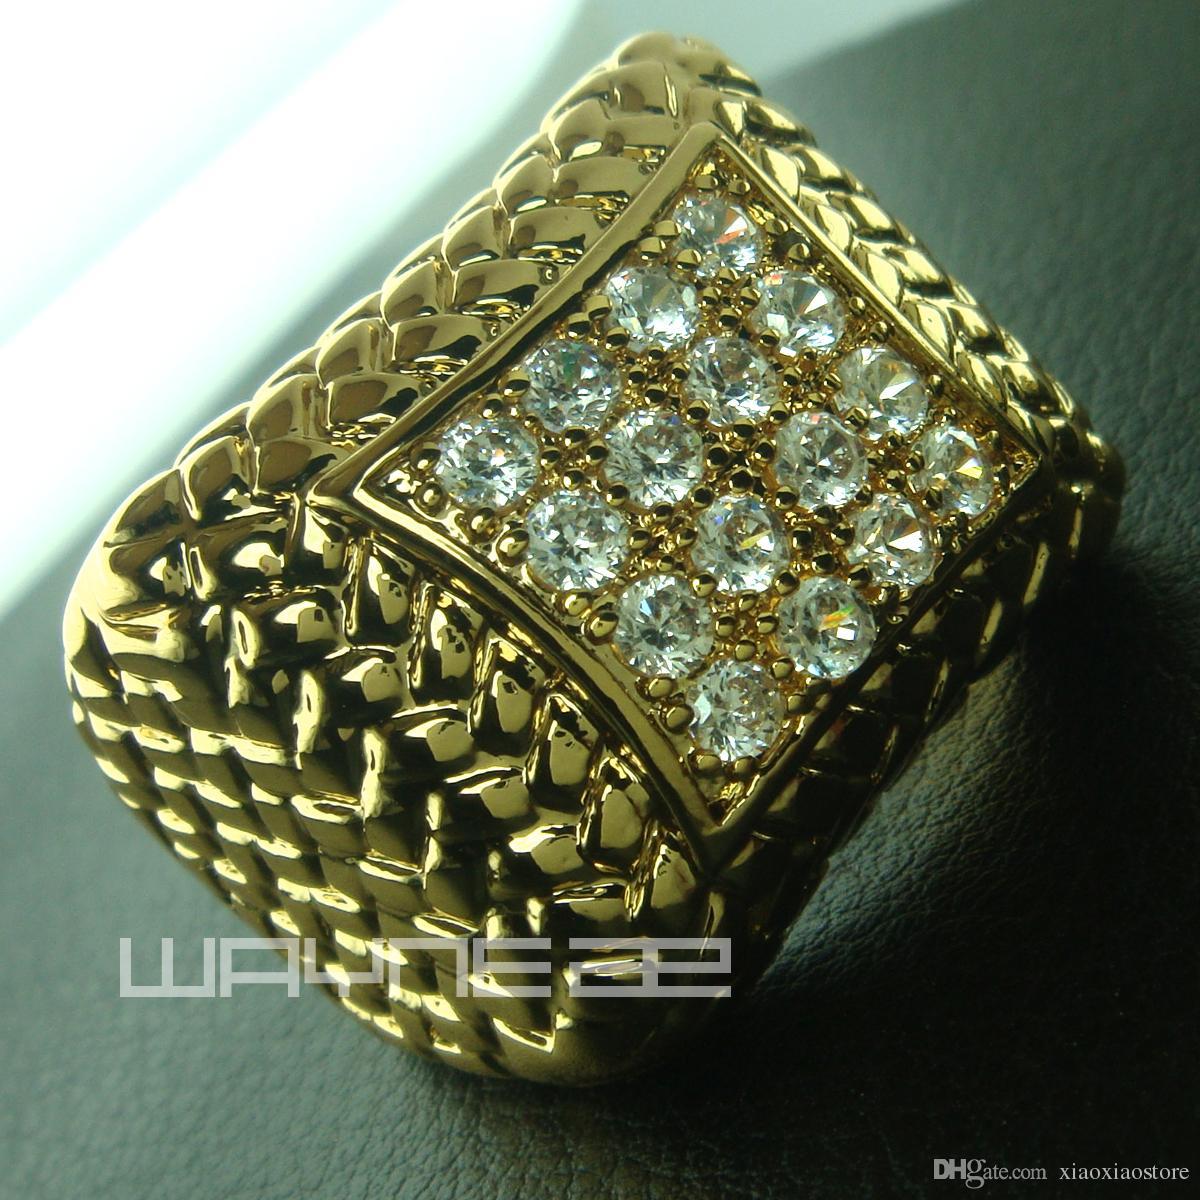 Anello da uomo in oro 18 carati con diamante creato da fidanzamento R105 misura 8-15